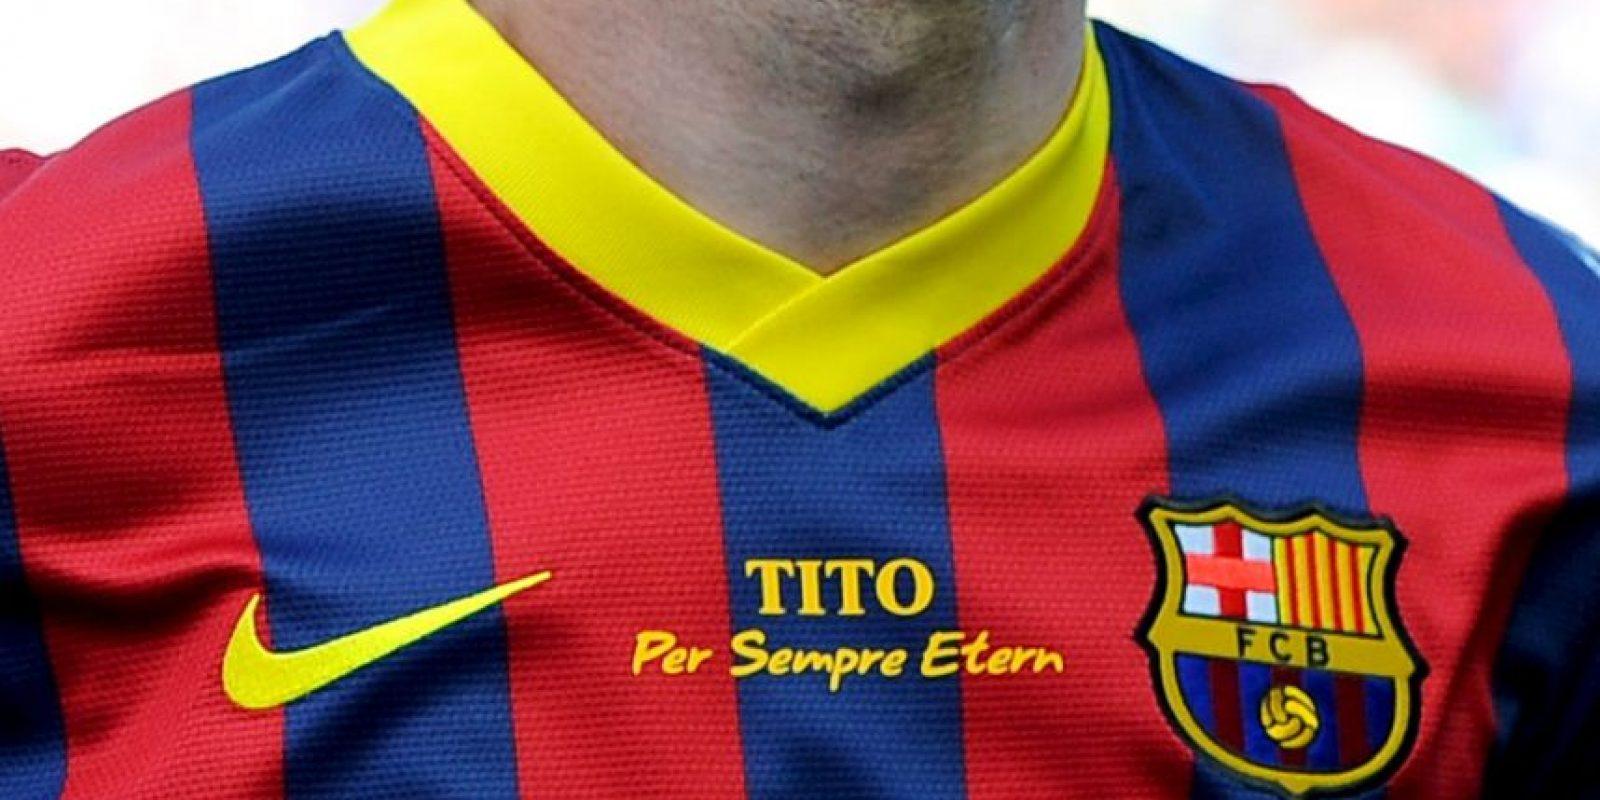 Este fue el uniforme usado en la campaña pasada. Foto:Getty Images